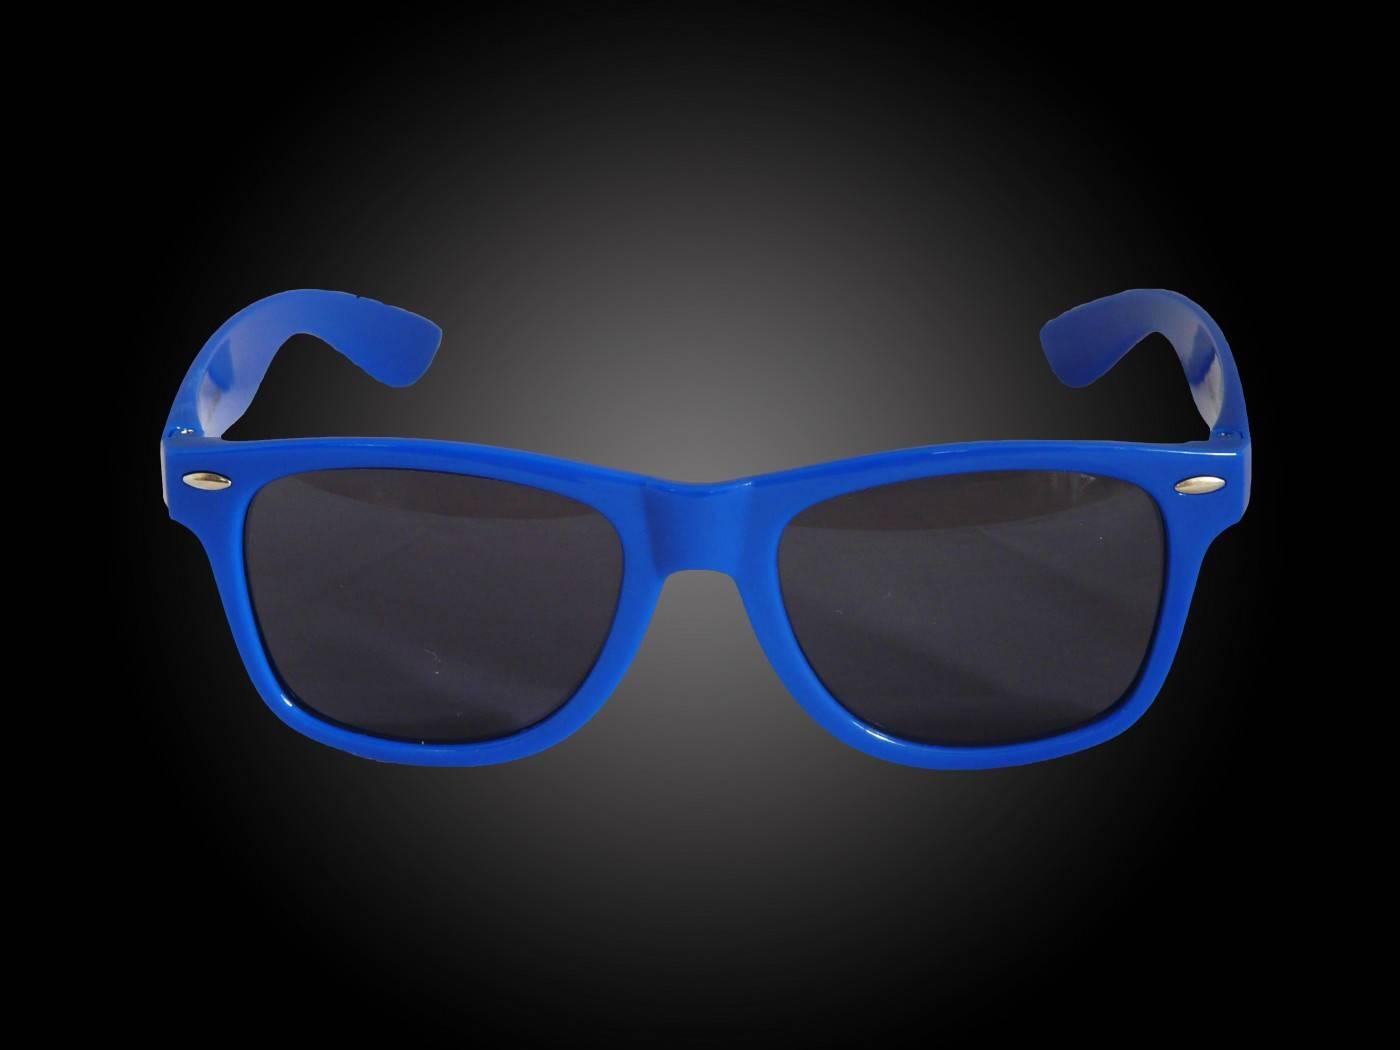 3f5a036eb1b5cc Bedrukte zonnebrillen bestellen festival.jpg Blauwe zonnebrillen bedrukt  festivalbril.jpg